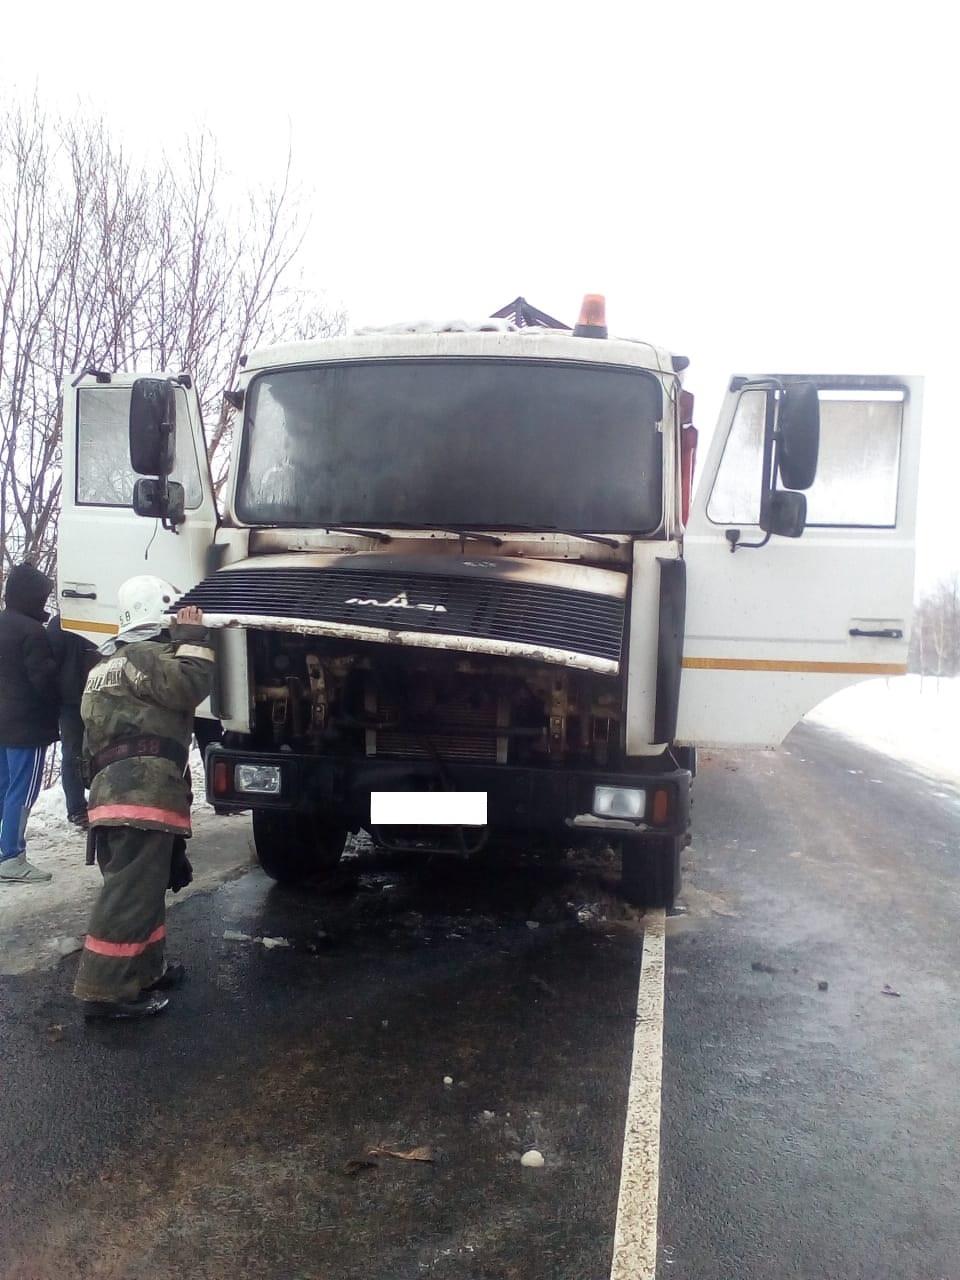 Пожар в Сухиничском районе, 15 км автодорога «Сухиничи-Середейский»